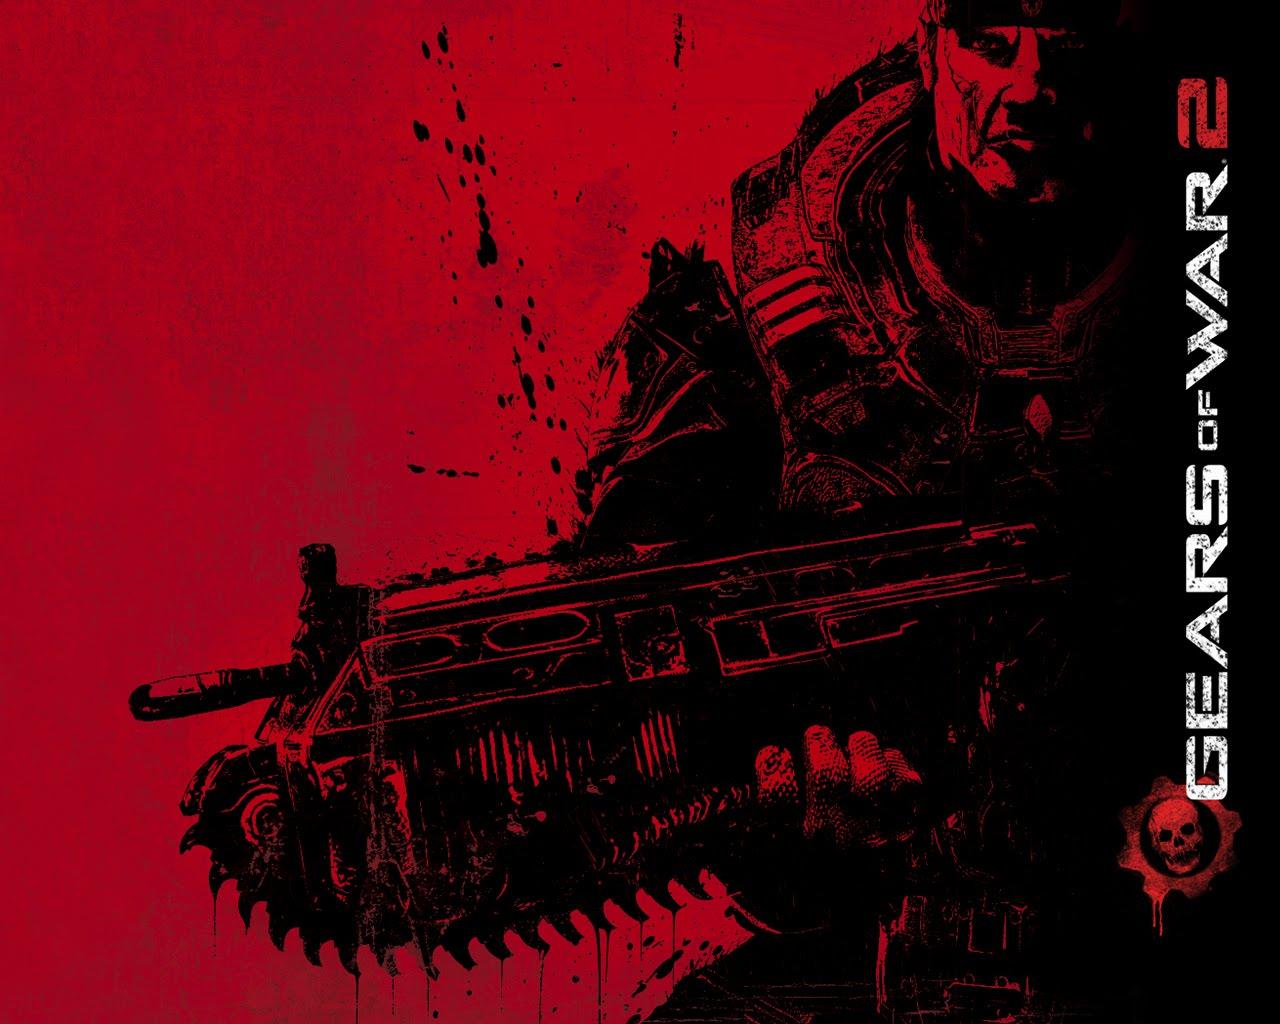 http://2.bp.blogspot.com/_dqoDdoHq6kA/SwVuLeWlhXI/AAAAAAAAAD0/47LH5rF8ypM/s1600/marcus-gears-of-war-2.jpg